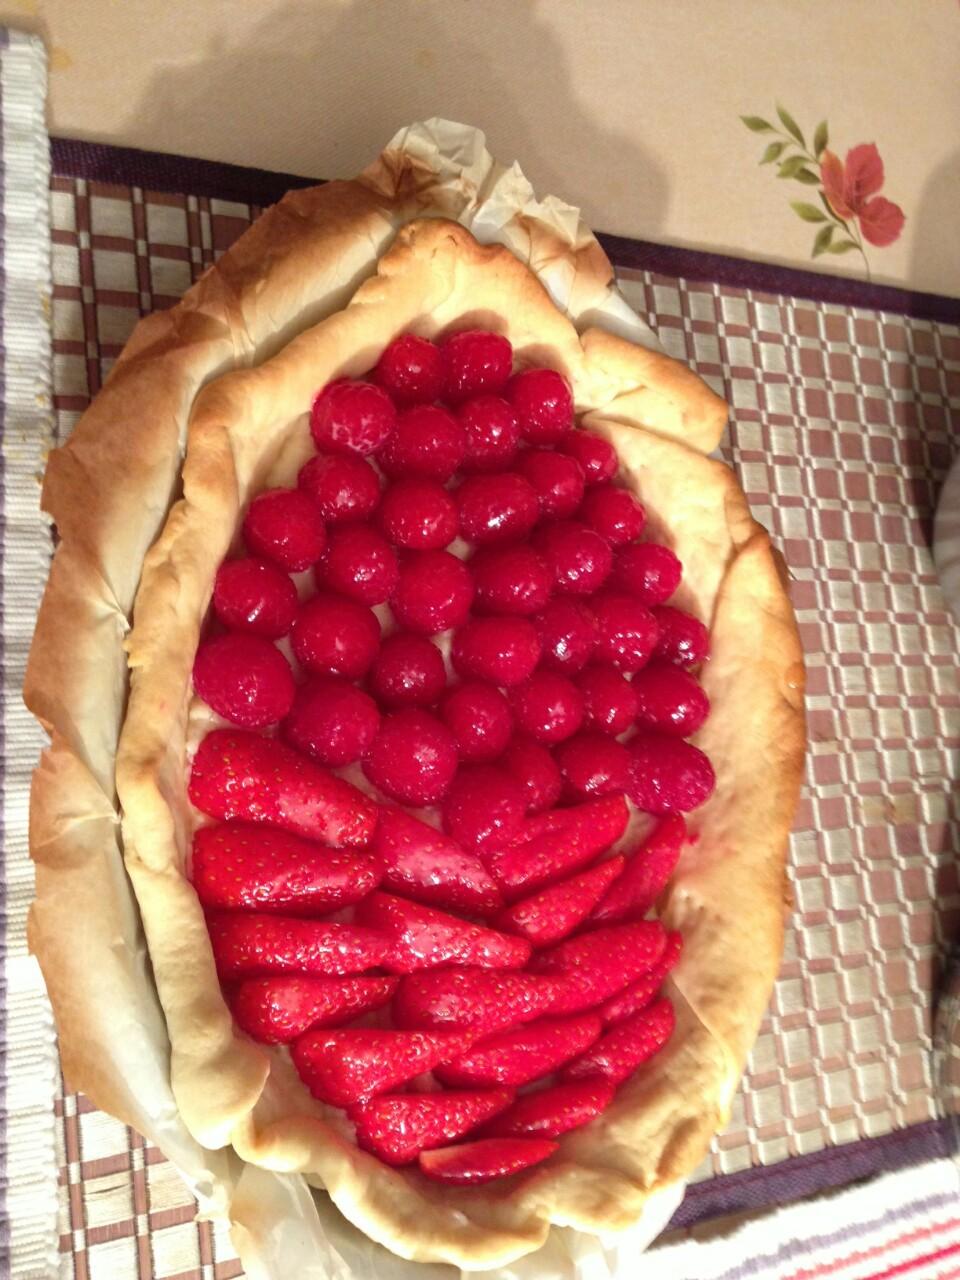 La tarte fraise-cerise de Bruno Mars